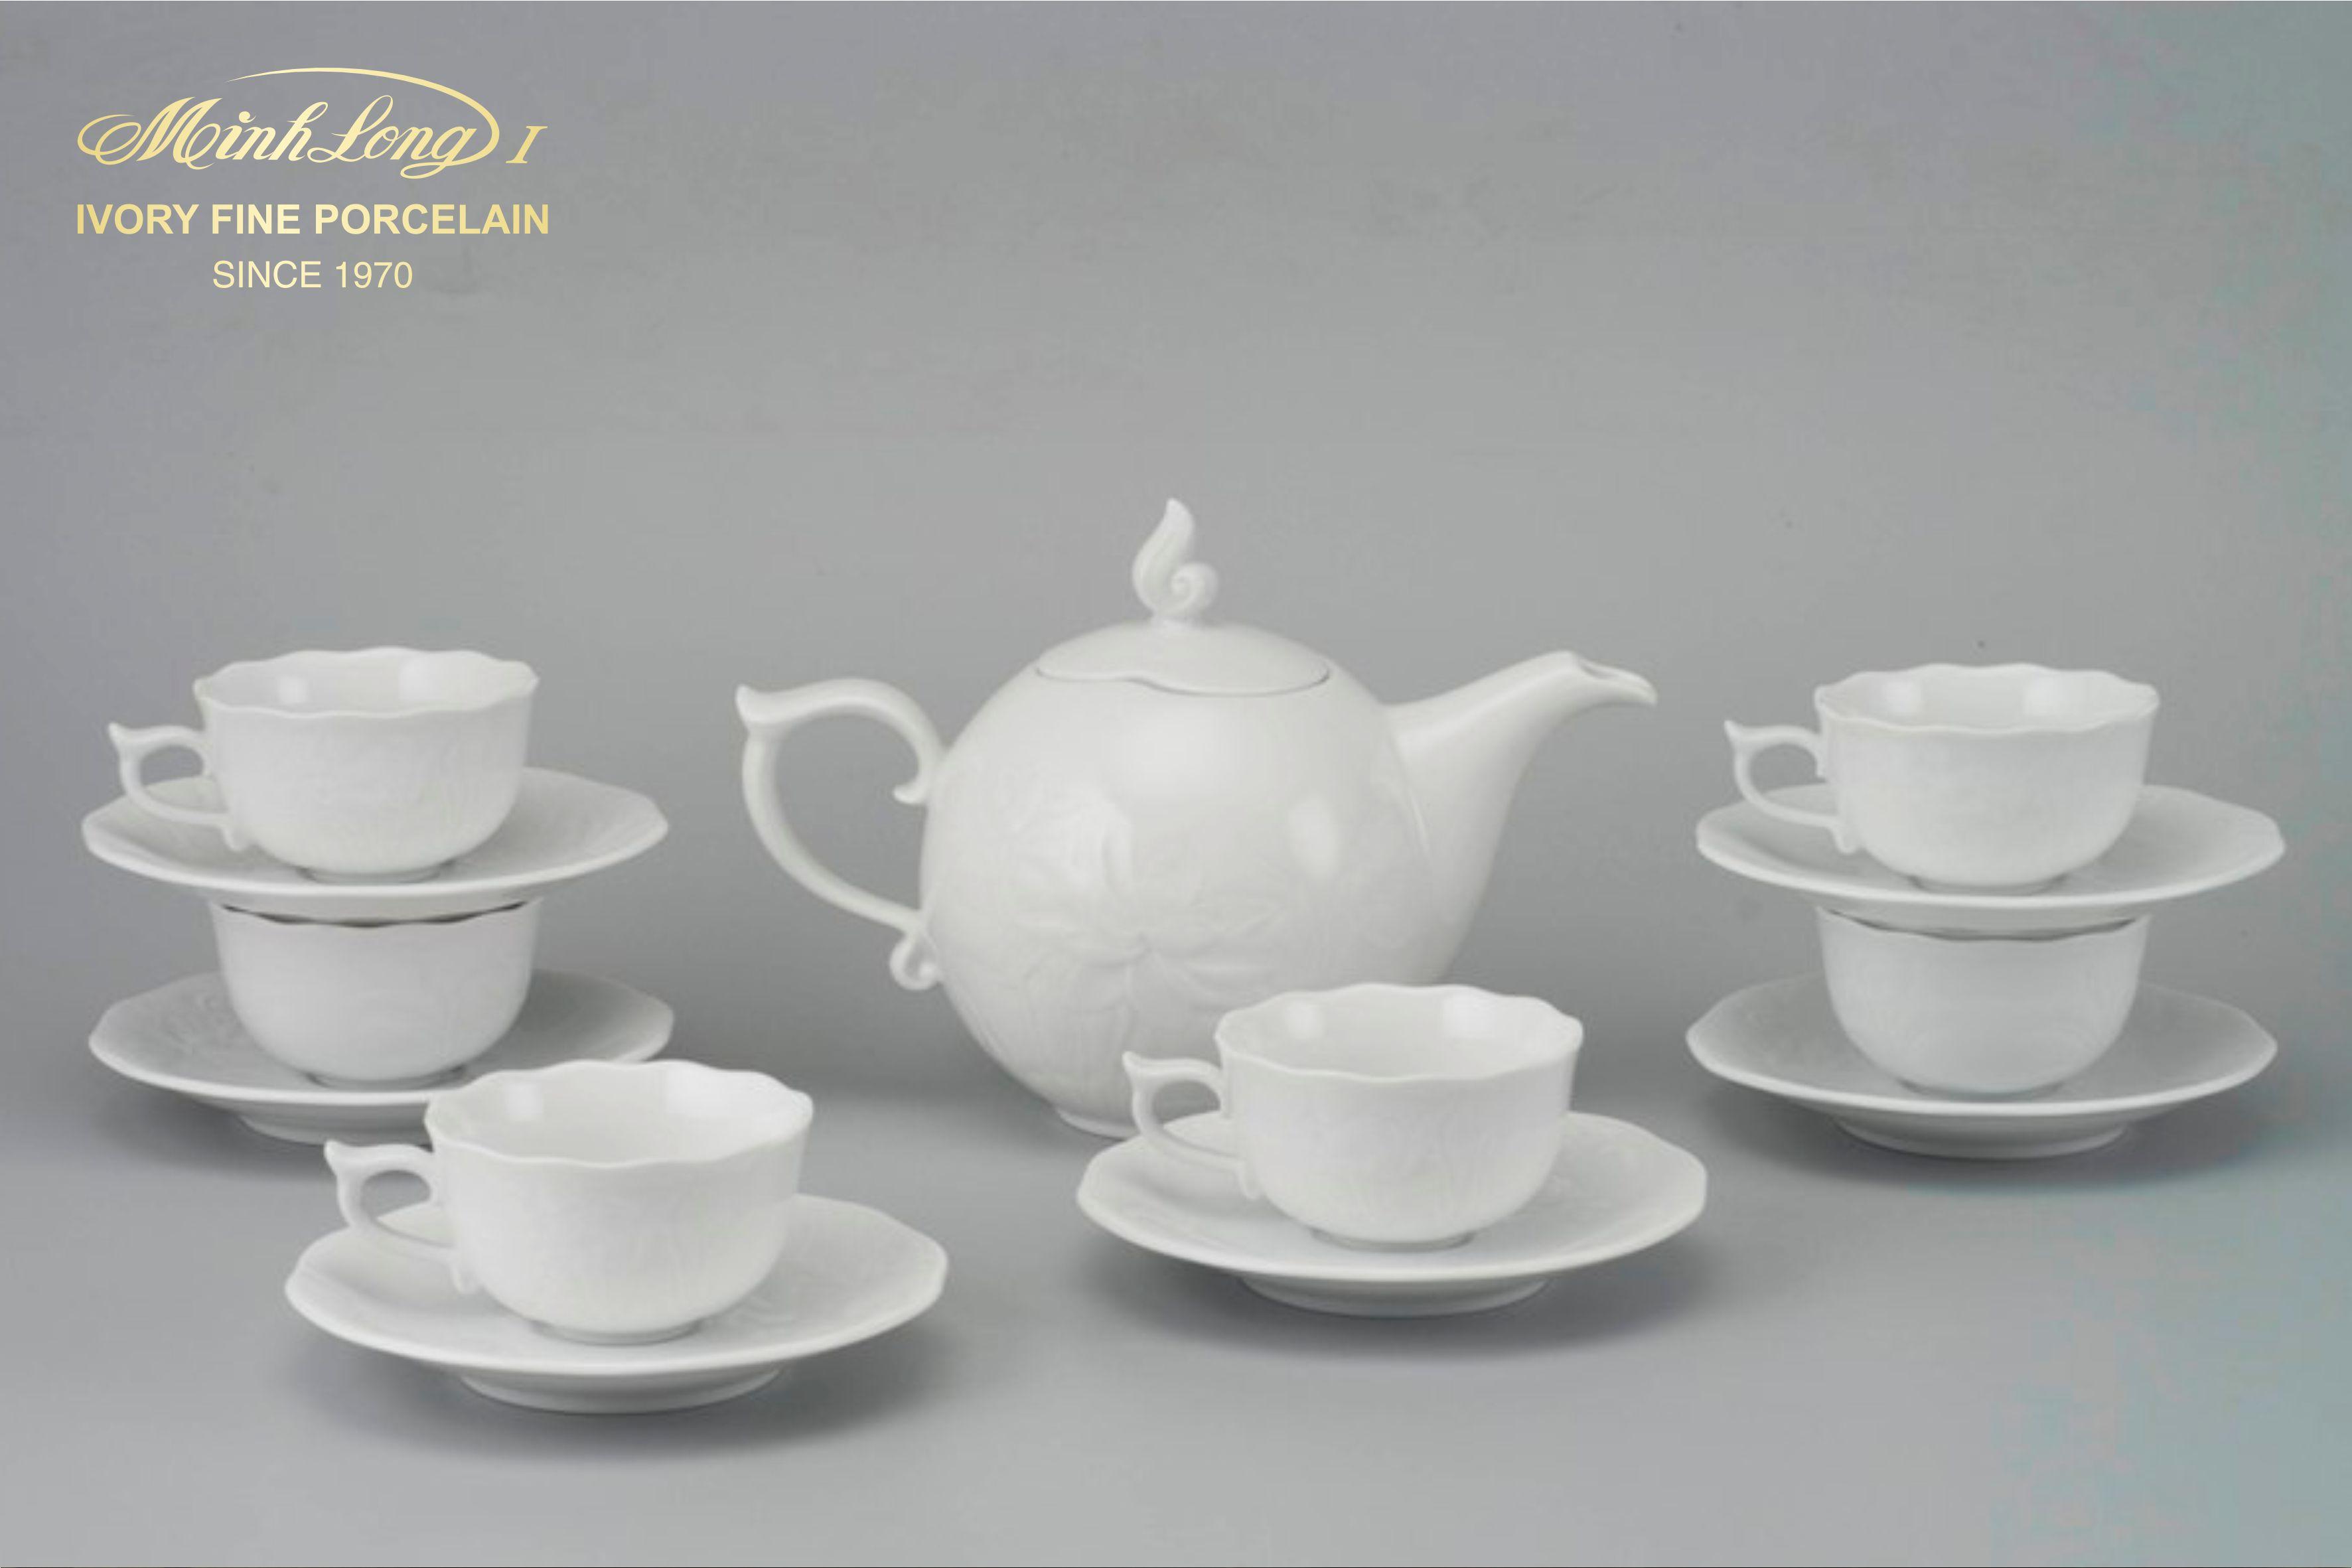 Bộ trà 0.7L SEN IFP Trắng Ngà 68701400003 Minh long